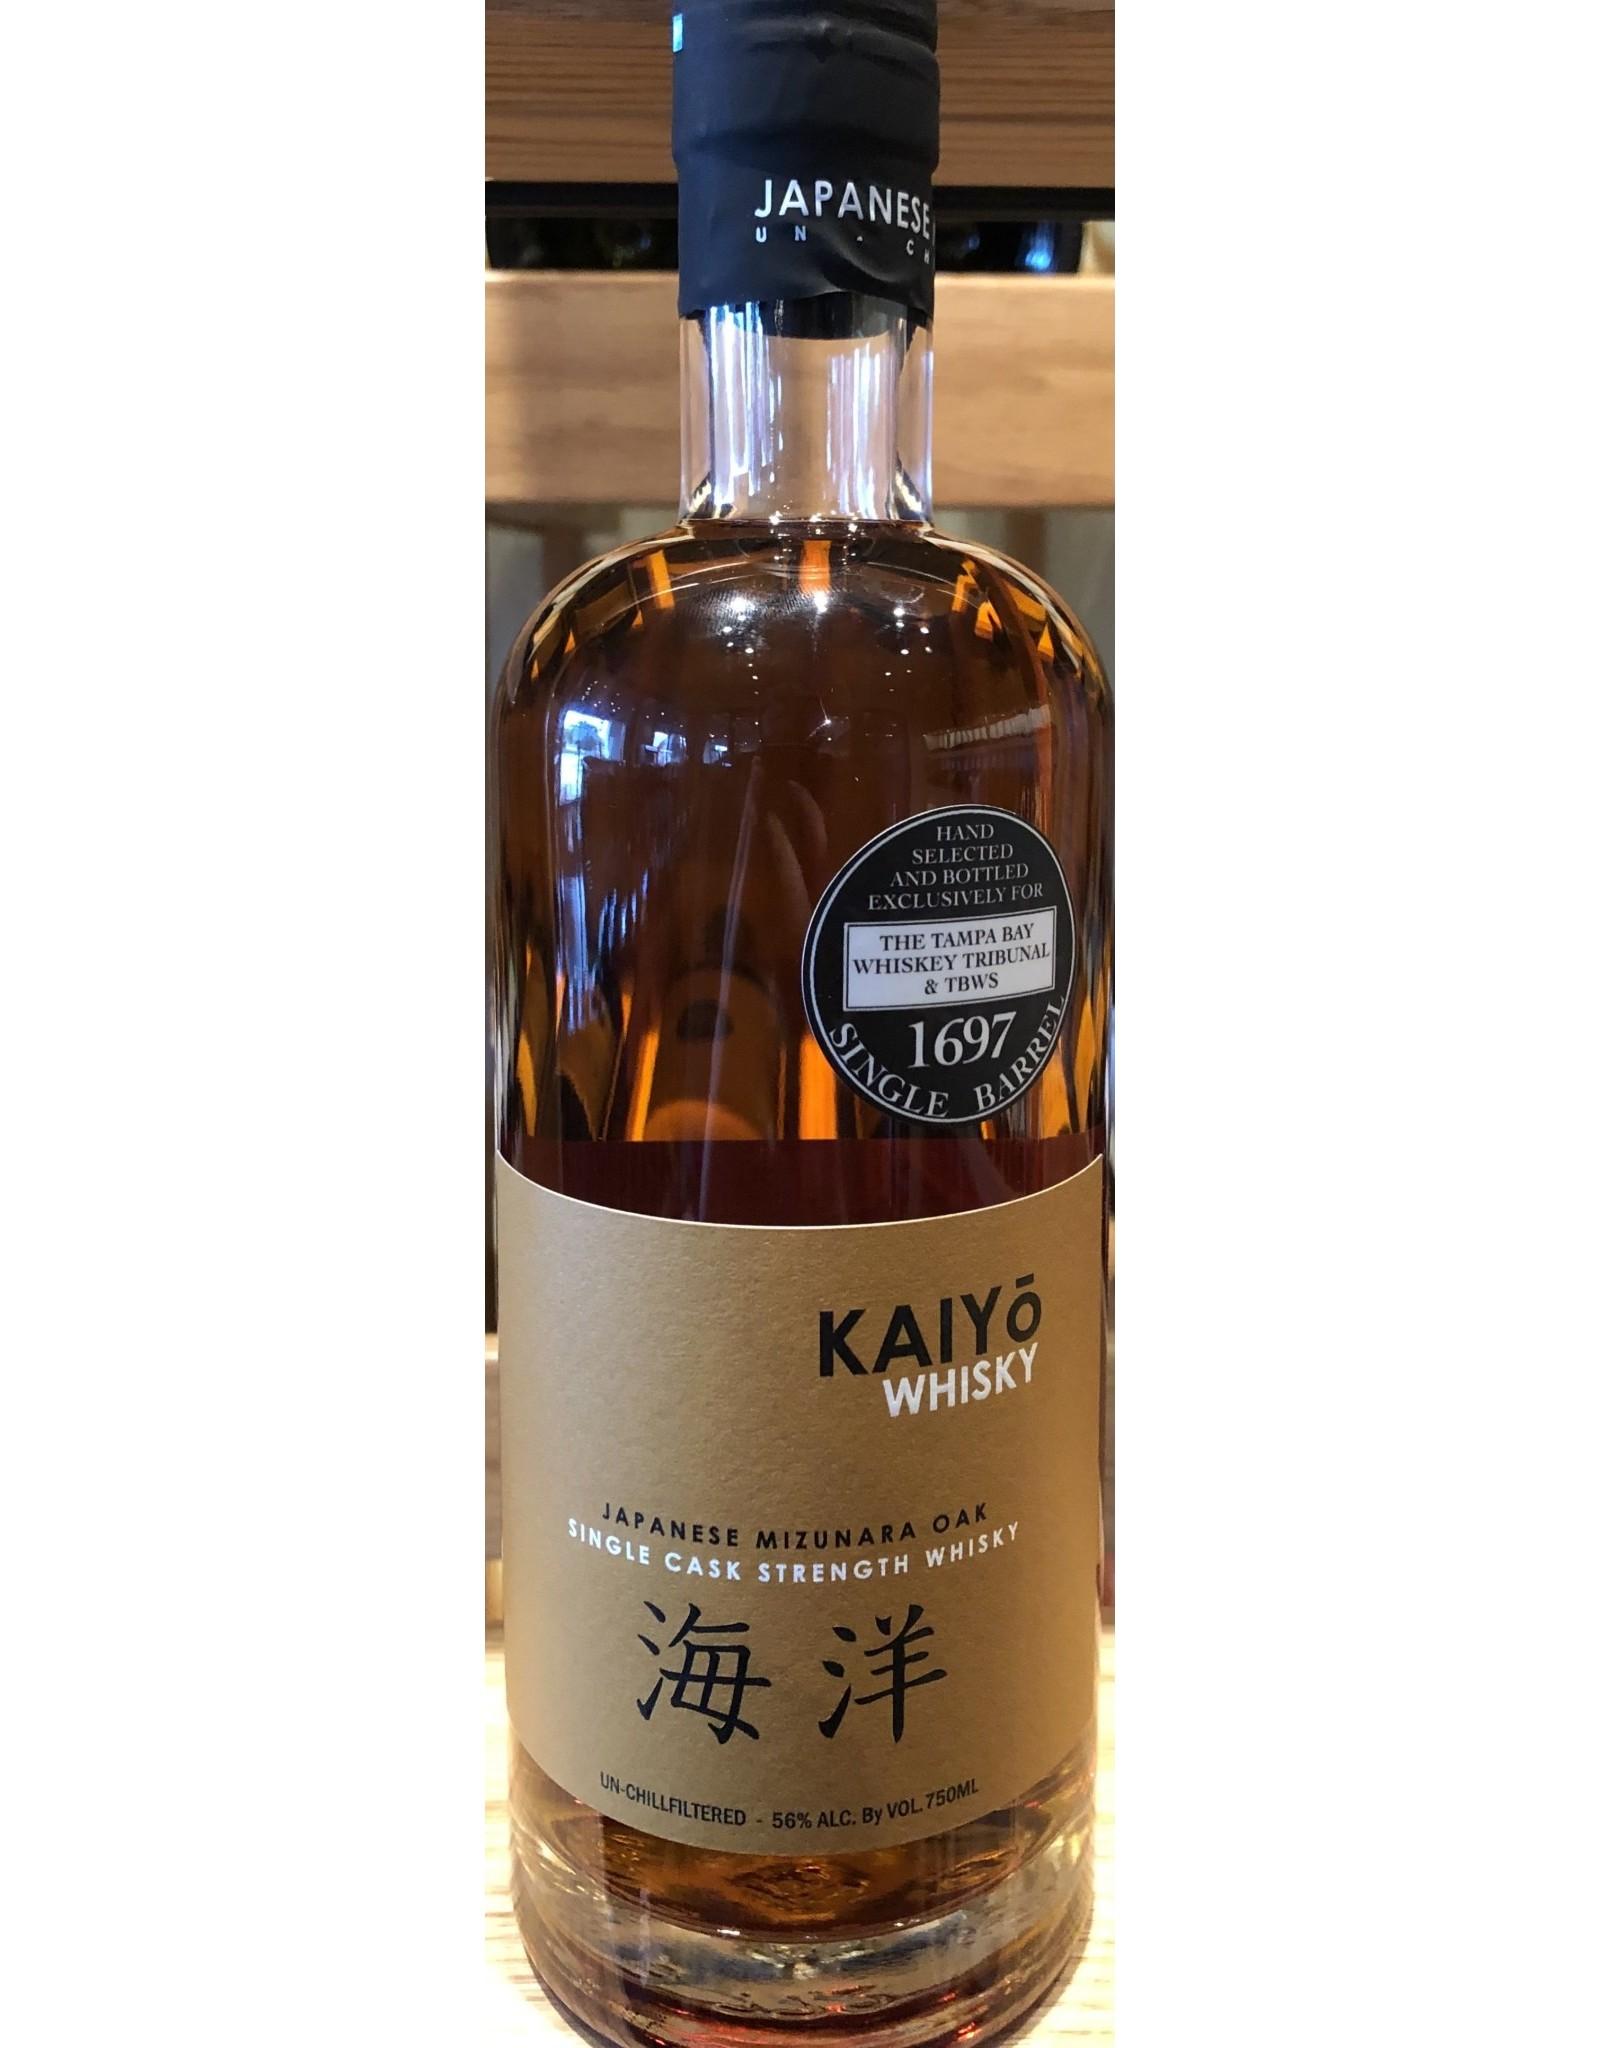 Tampa Bay Whiskey Tribunal Kaiyo Single Barrel #1697